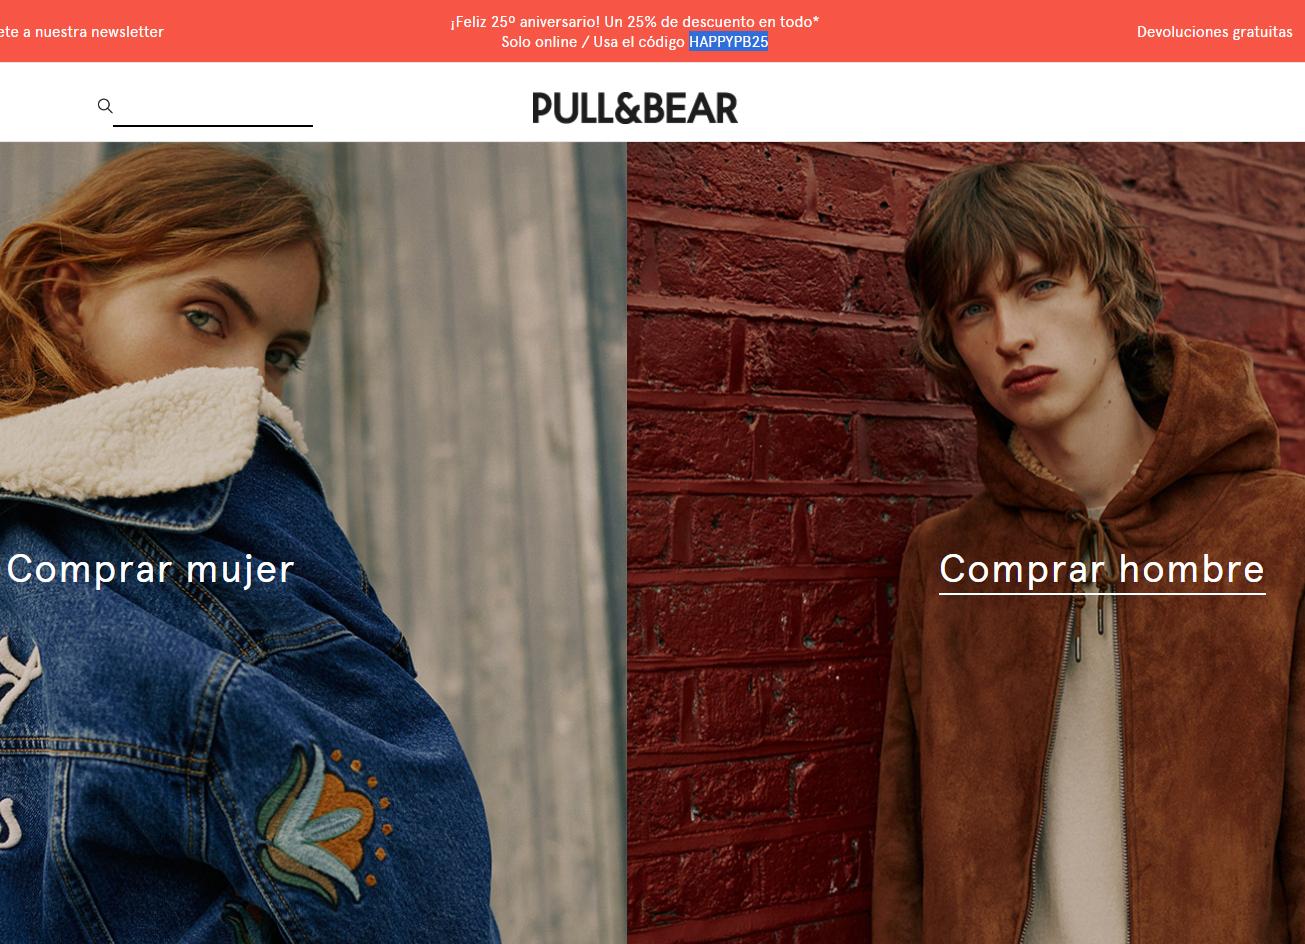 Pull&Bear: 25% de Descuento en todo* | Sólo Online |